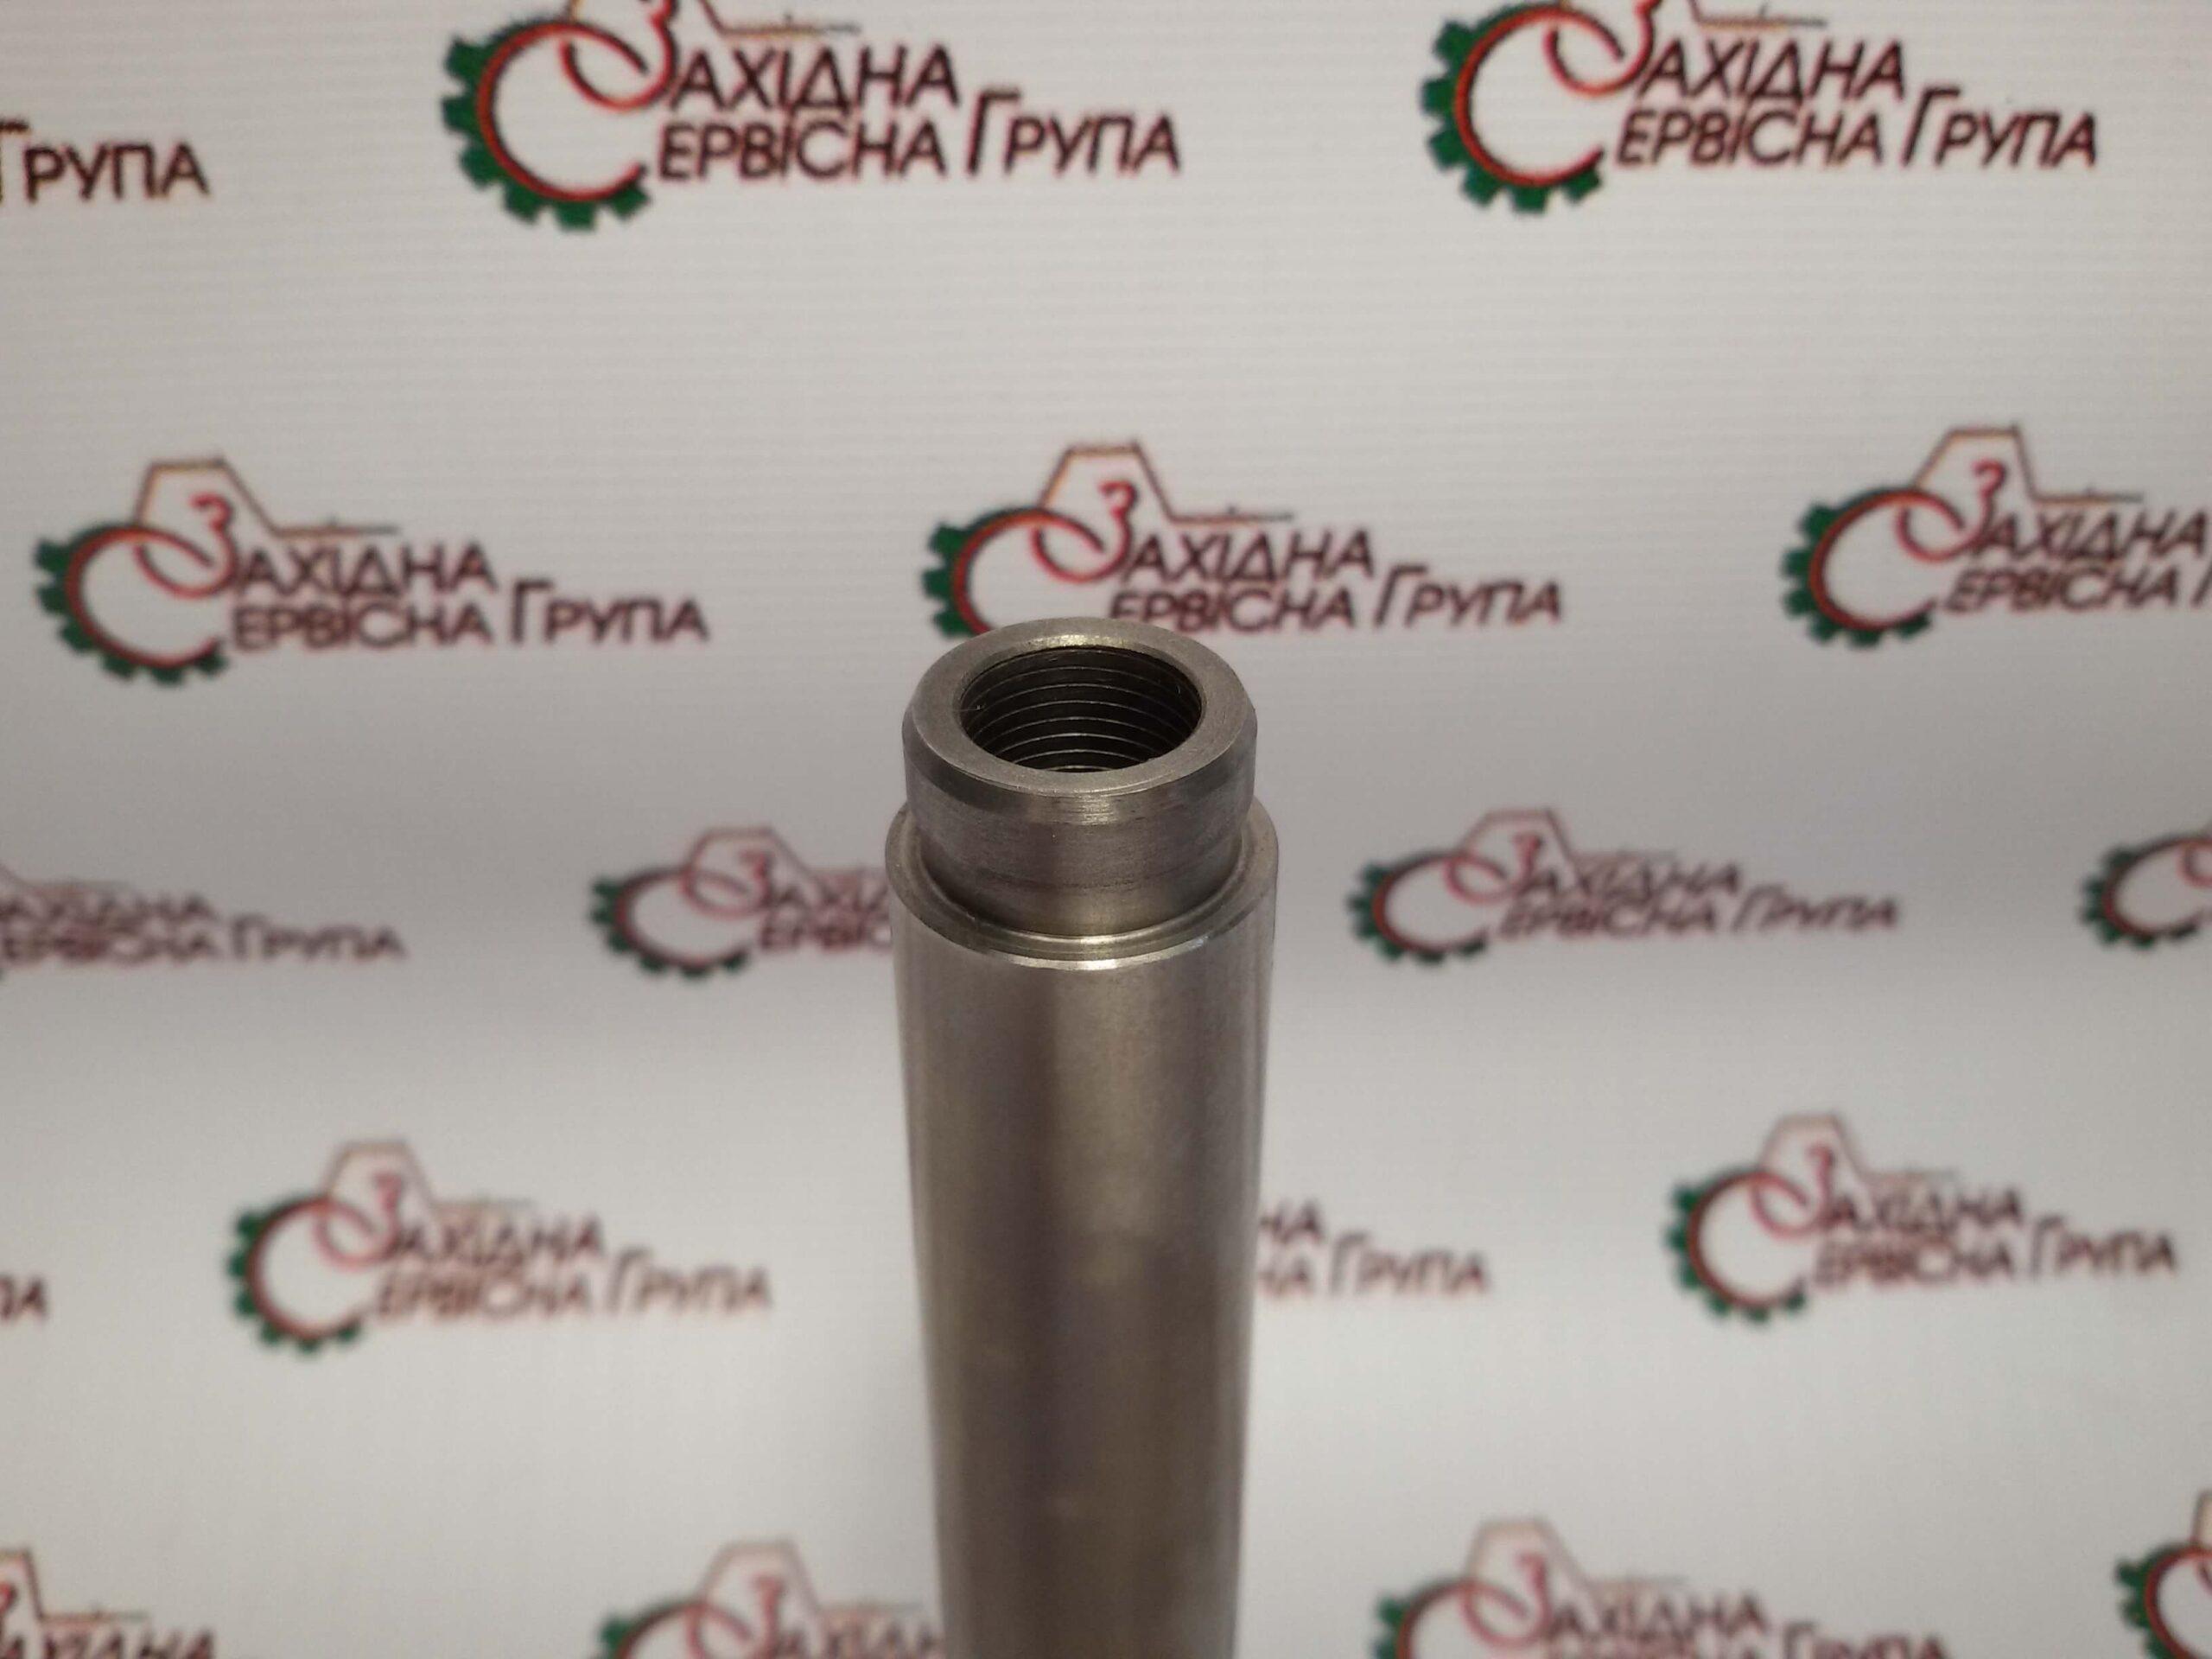 Втулка направляющая клапана Cummins ISX15, QSX15, 4026657, 3680867, 3680731.